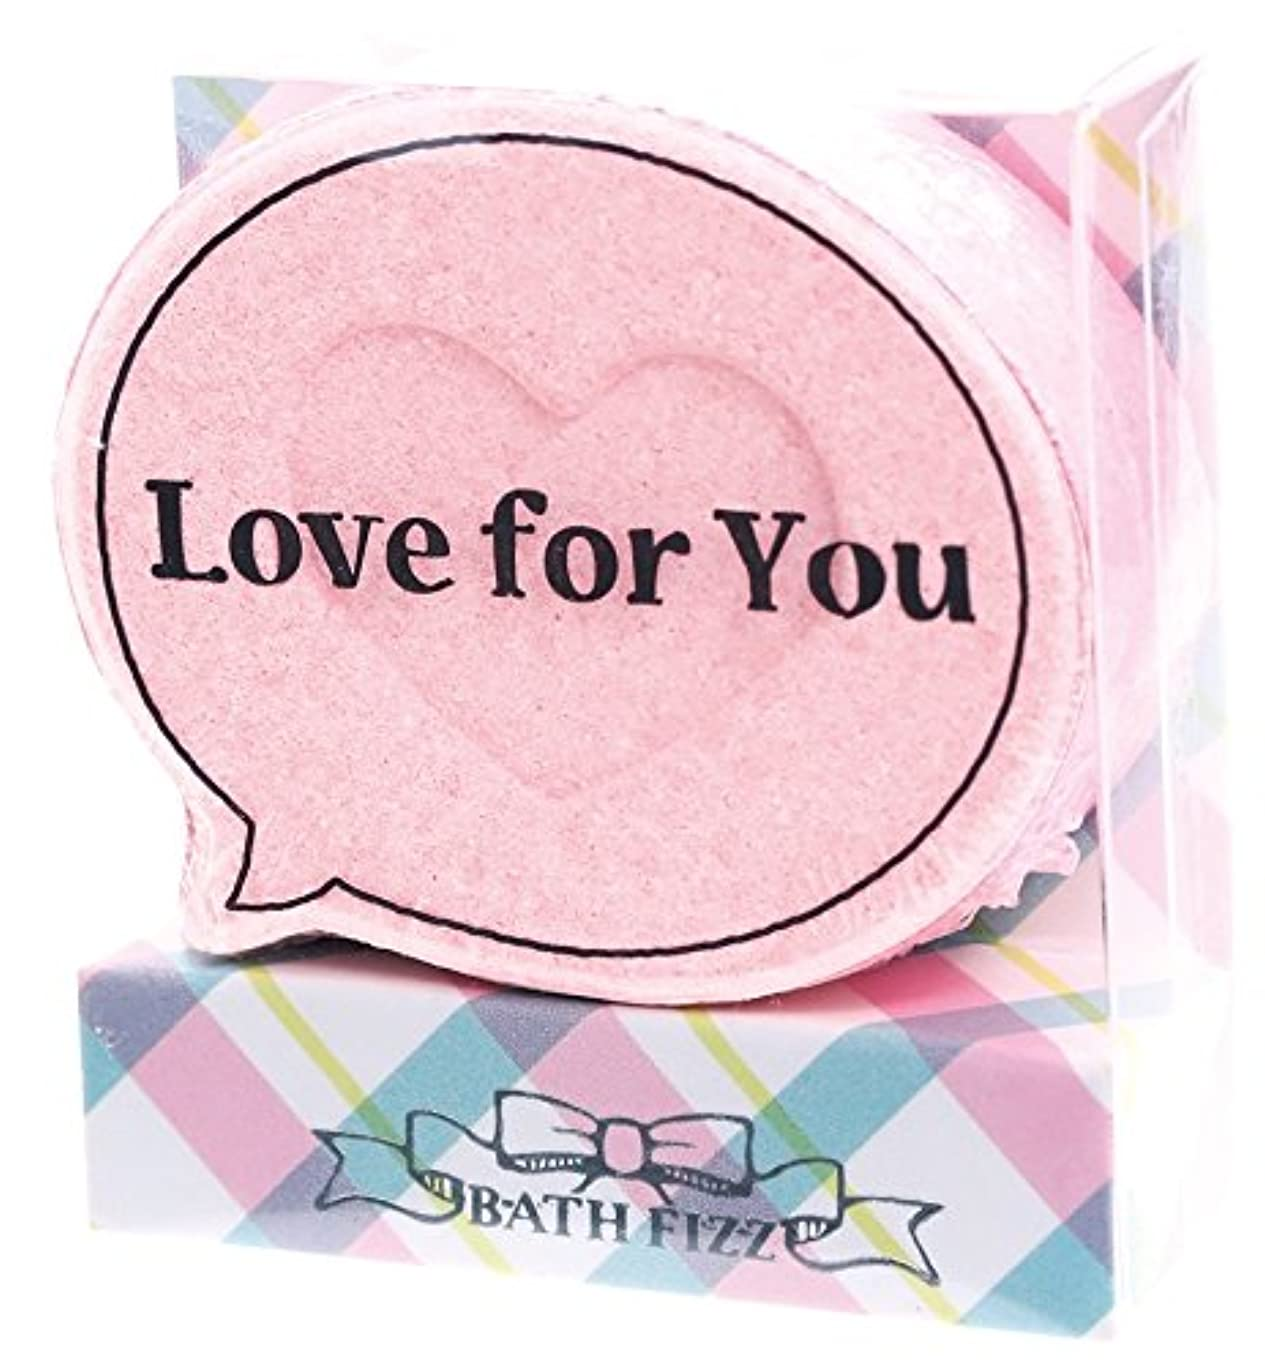 陪審周術期影響力のあるノルコーポレーション 入浴剤 メッセージフィズ2 30g バラ ピンク OB-MSF-2-4